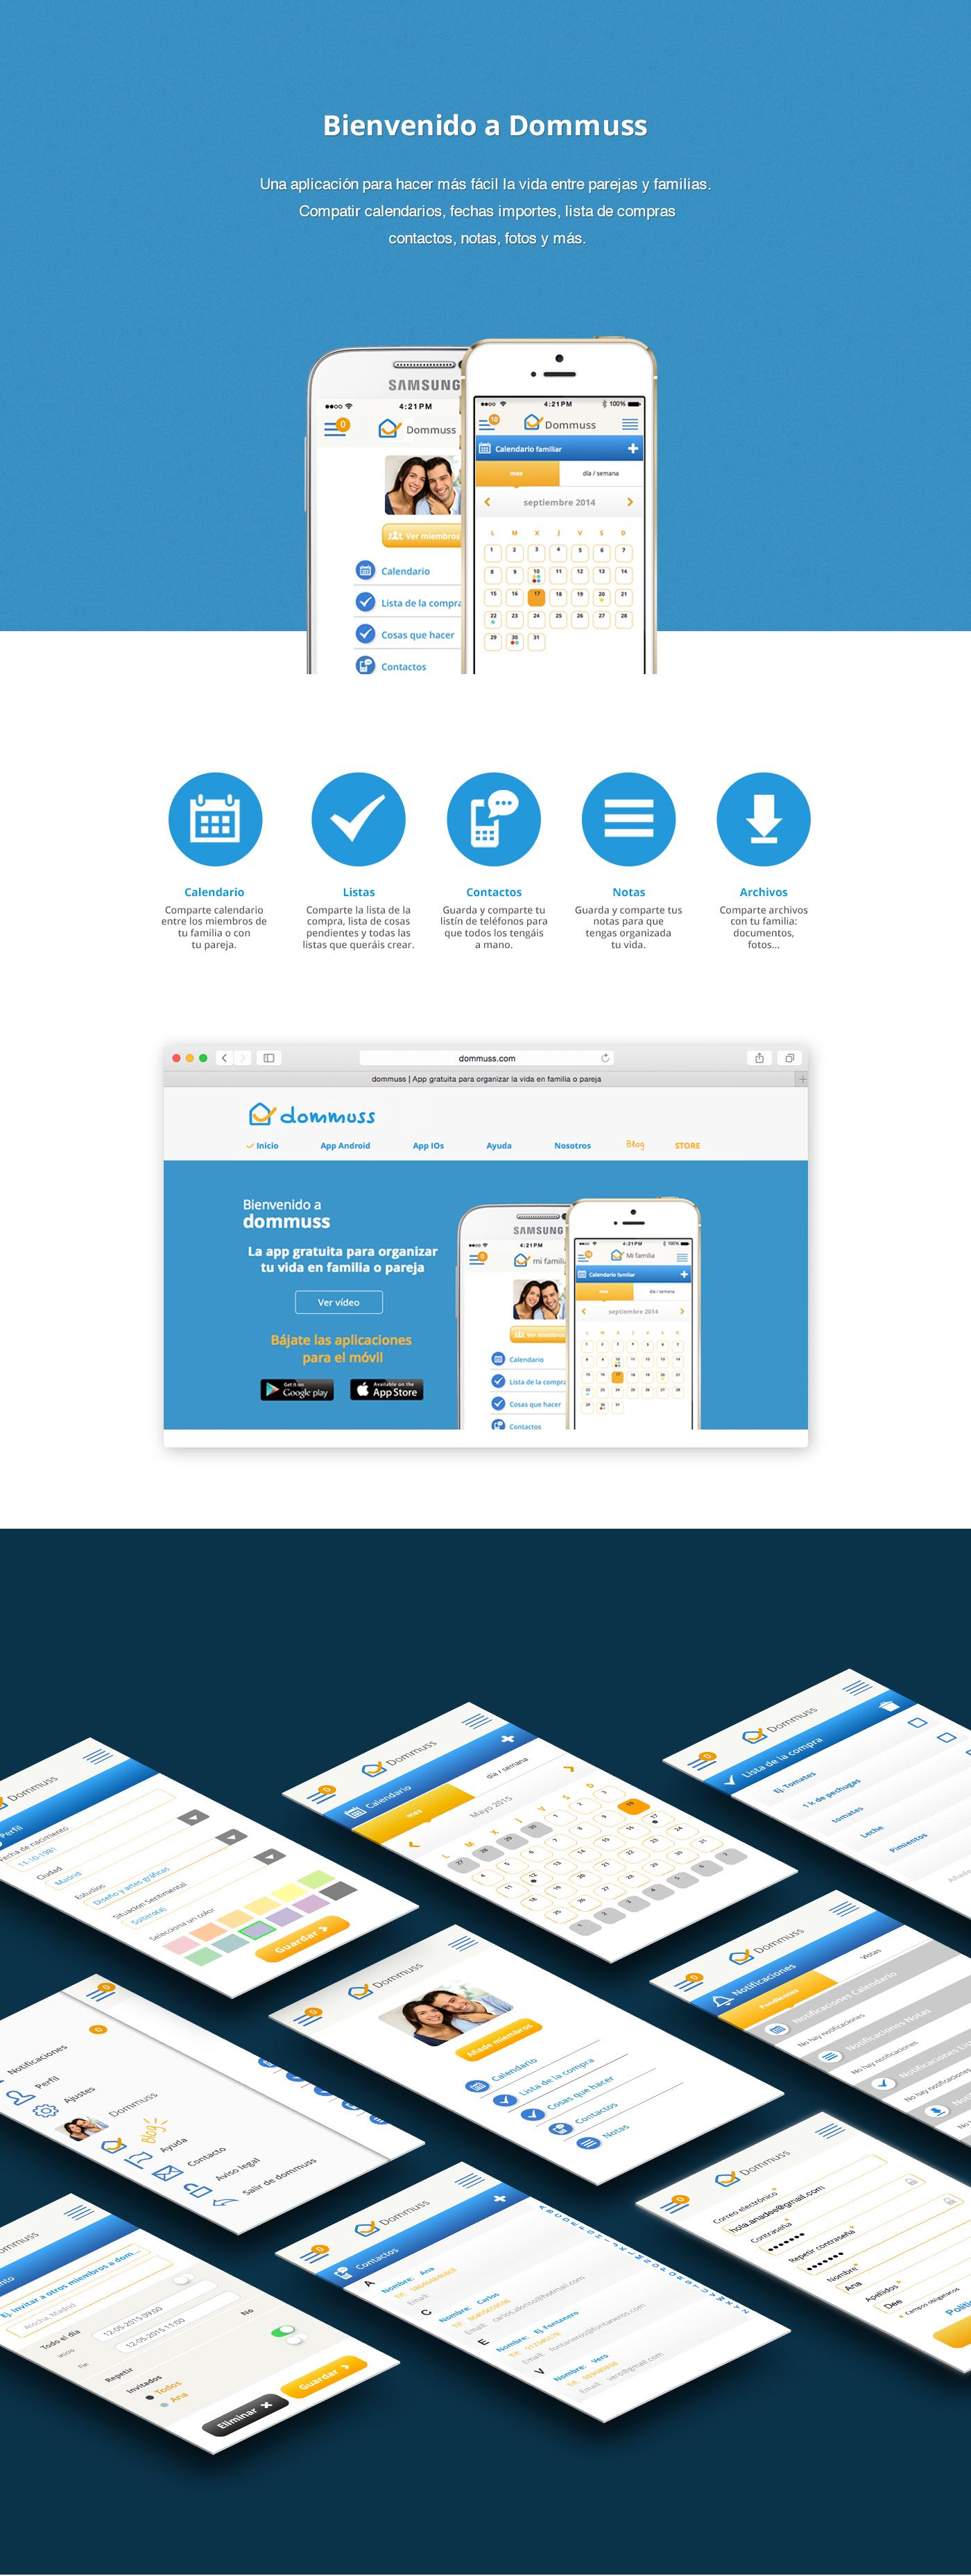 Adobe Portfolio UI ux Webdesign app dommuss